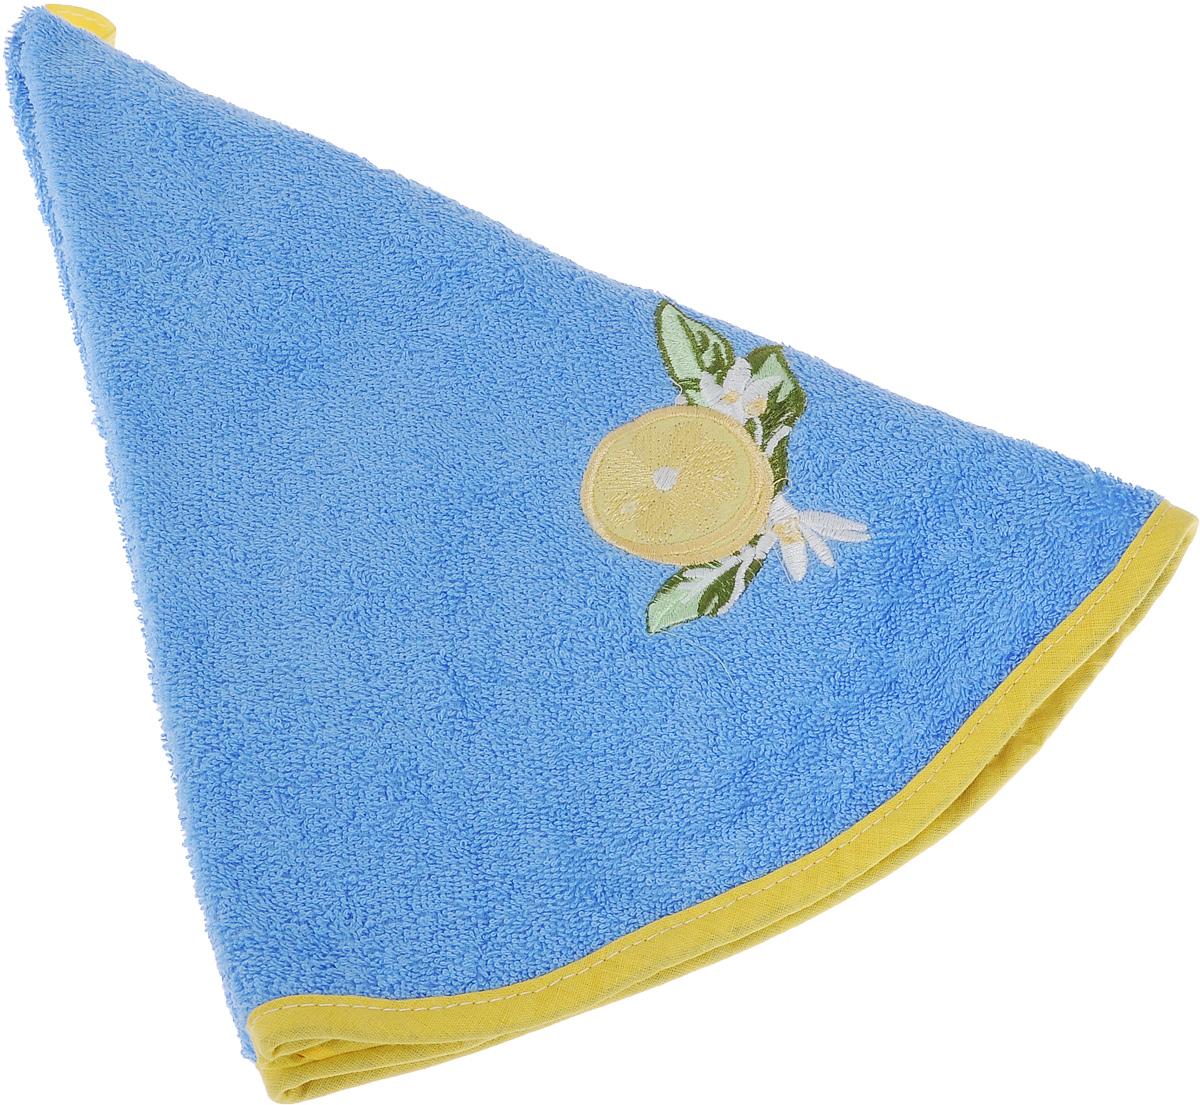 Полотенце Soavita, цвет: голубой, диаметр 70 смVT-1520(SR)Круглое полотенце Soavita выполнено из 100% хлопка. Изделие отлично впитывает влагу, быстро сохнет, сохраняет яркость цвета и не теряет форму даже после многократных стирок. Полотенце очень практично и неприхотливо в уходе. Оно создаст прекрасное настроение и украсит интерьер в ванной комнате.